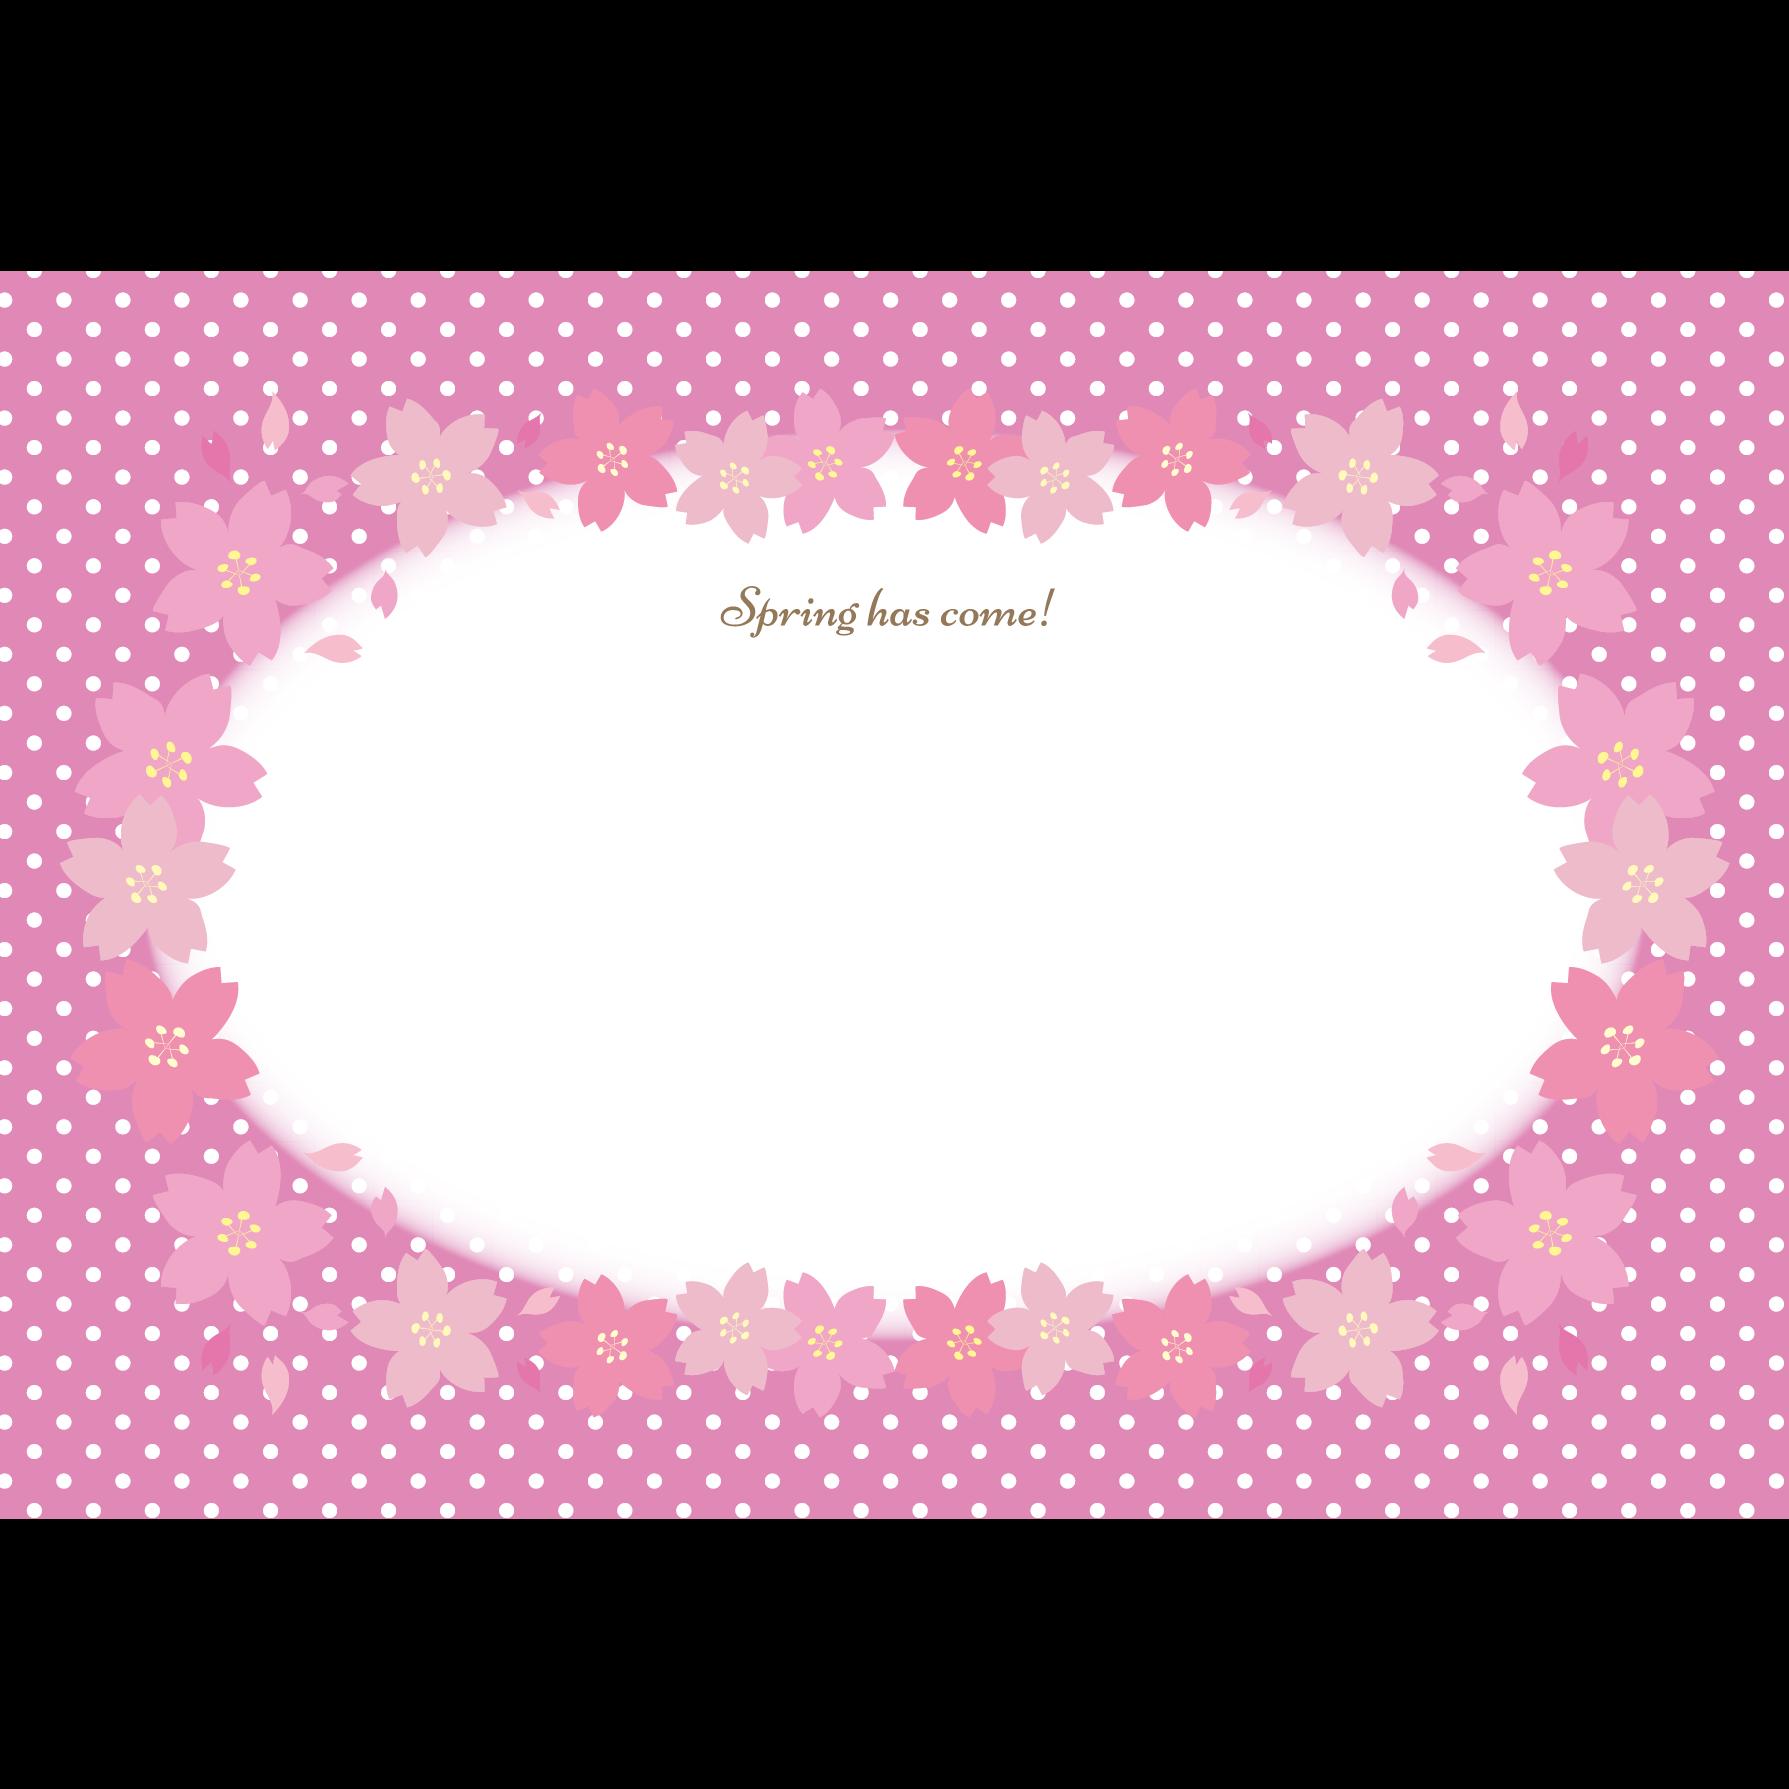 かわいい 桜の便箋レターセットa4 テンプレートイラスト 商用